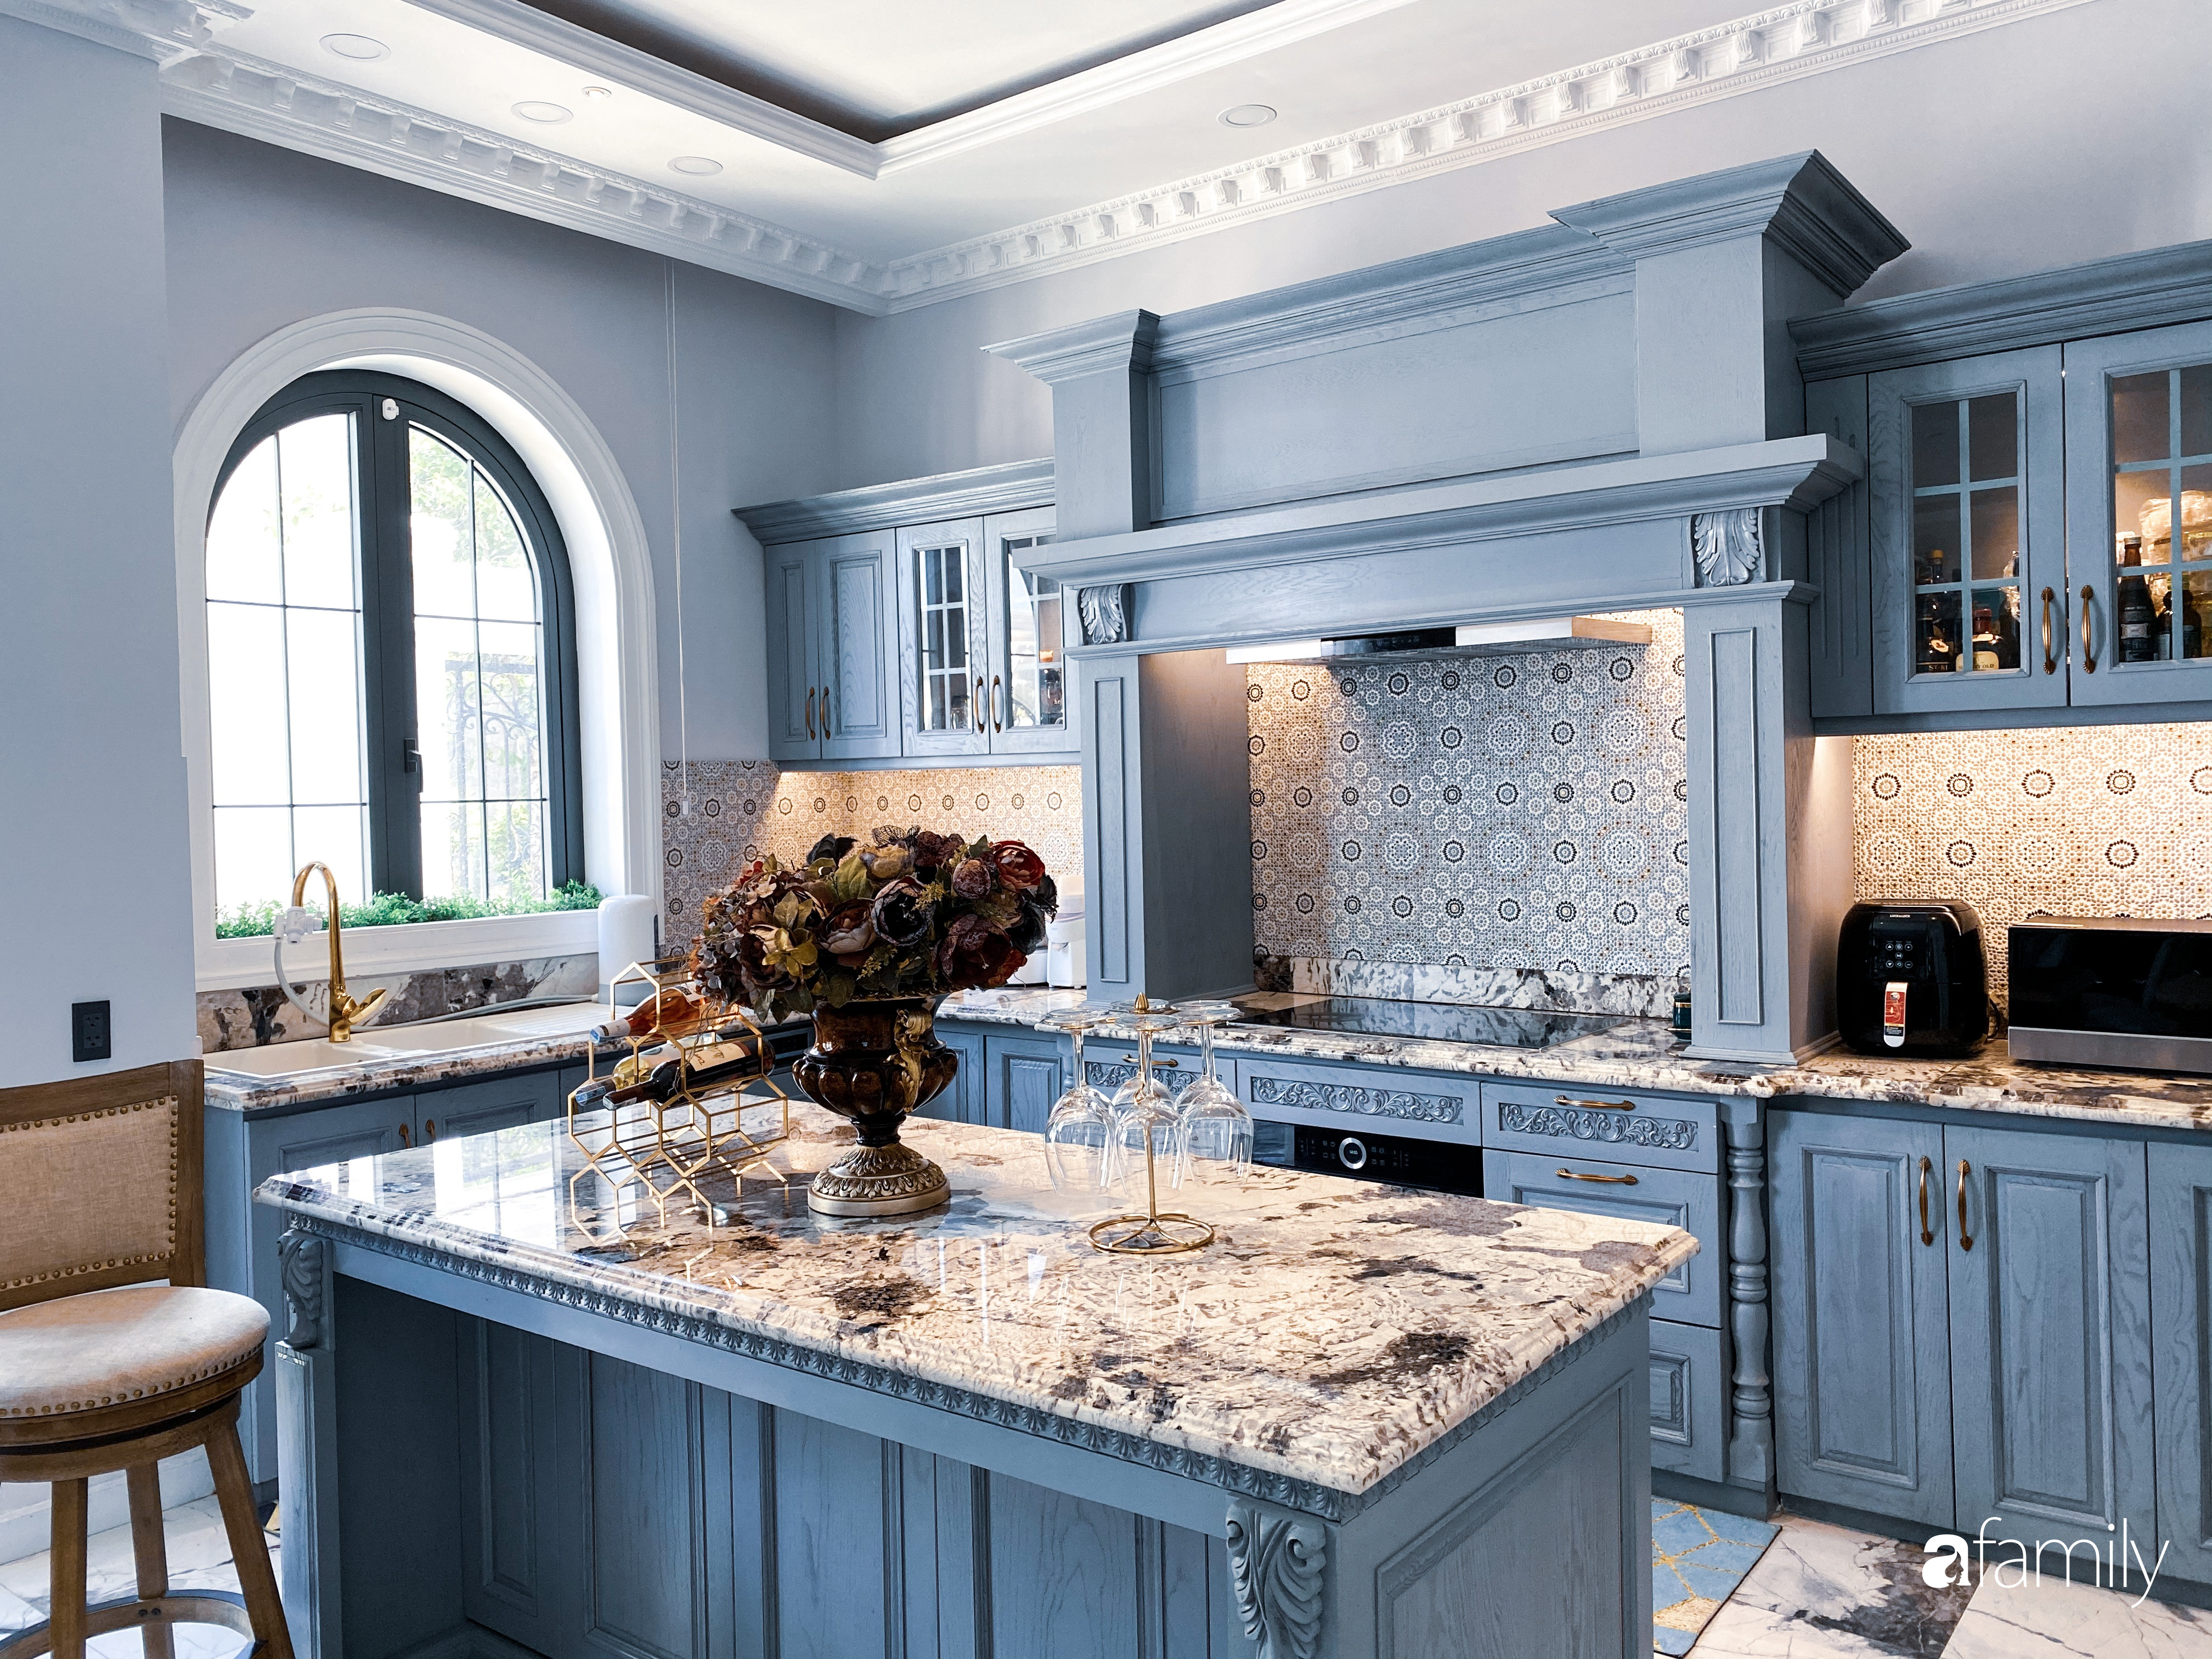 """""""Nghiện"""" sắm đồ bếp, hot mom Thủy Anh vợ Đăng Khôi tự decor không gian nấu nướng đẹp sang chảnh ngút ngàn - Ảnh 6."""